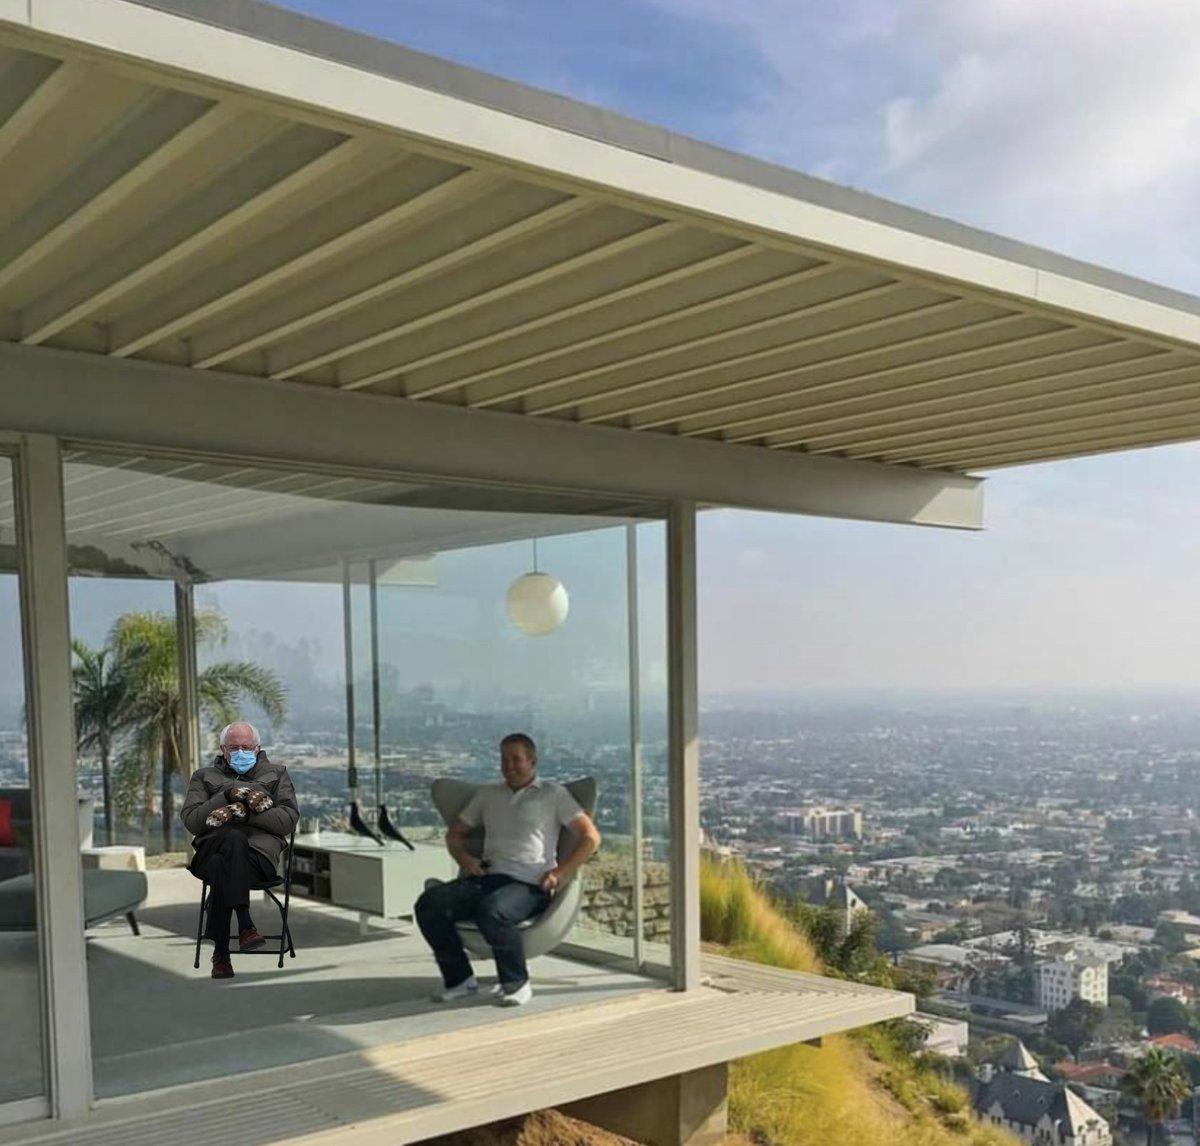 Bernie & me in da (Stahl) House....  #Bernie #mitts #StahlHouse #LA #HollywoodHills #JuliusSchulman #PierreKoenig #architecture  #architectural